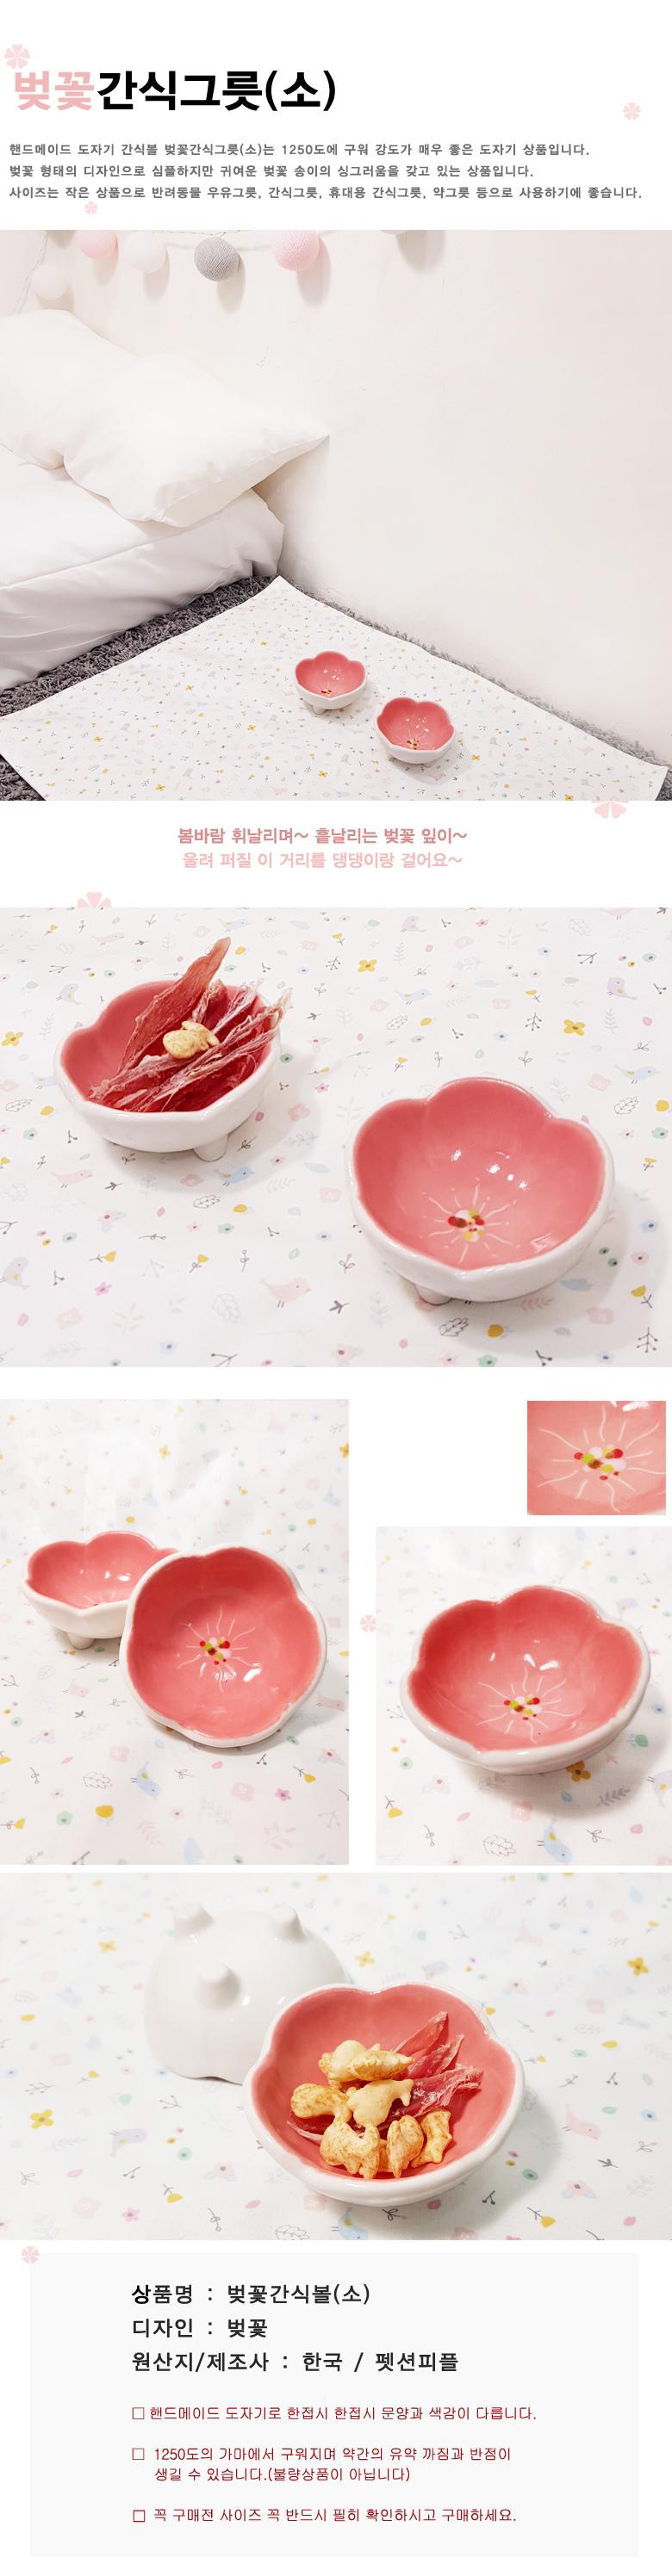 벚꽃간식그릇(소)-1구 - 펫션피플, 8,900원, 하우스/식기/실내용품, 급식기